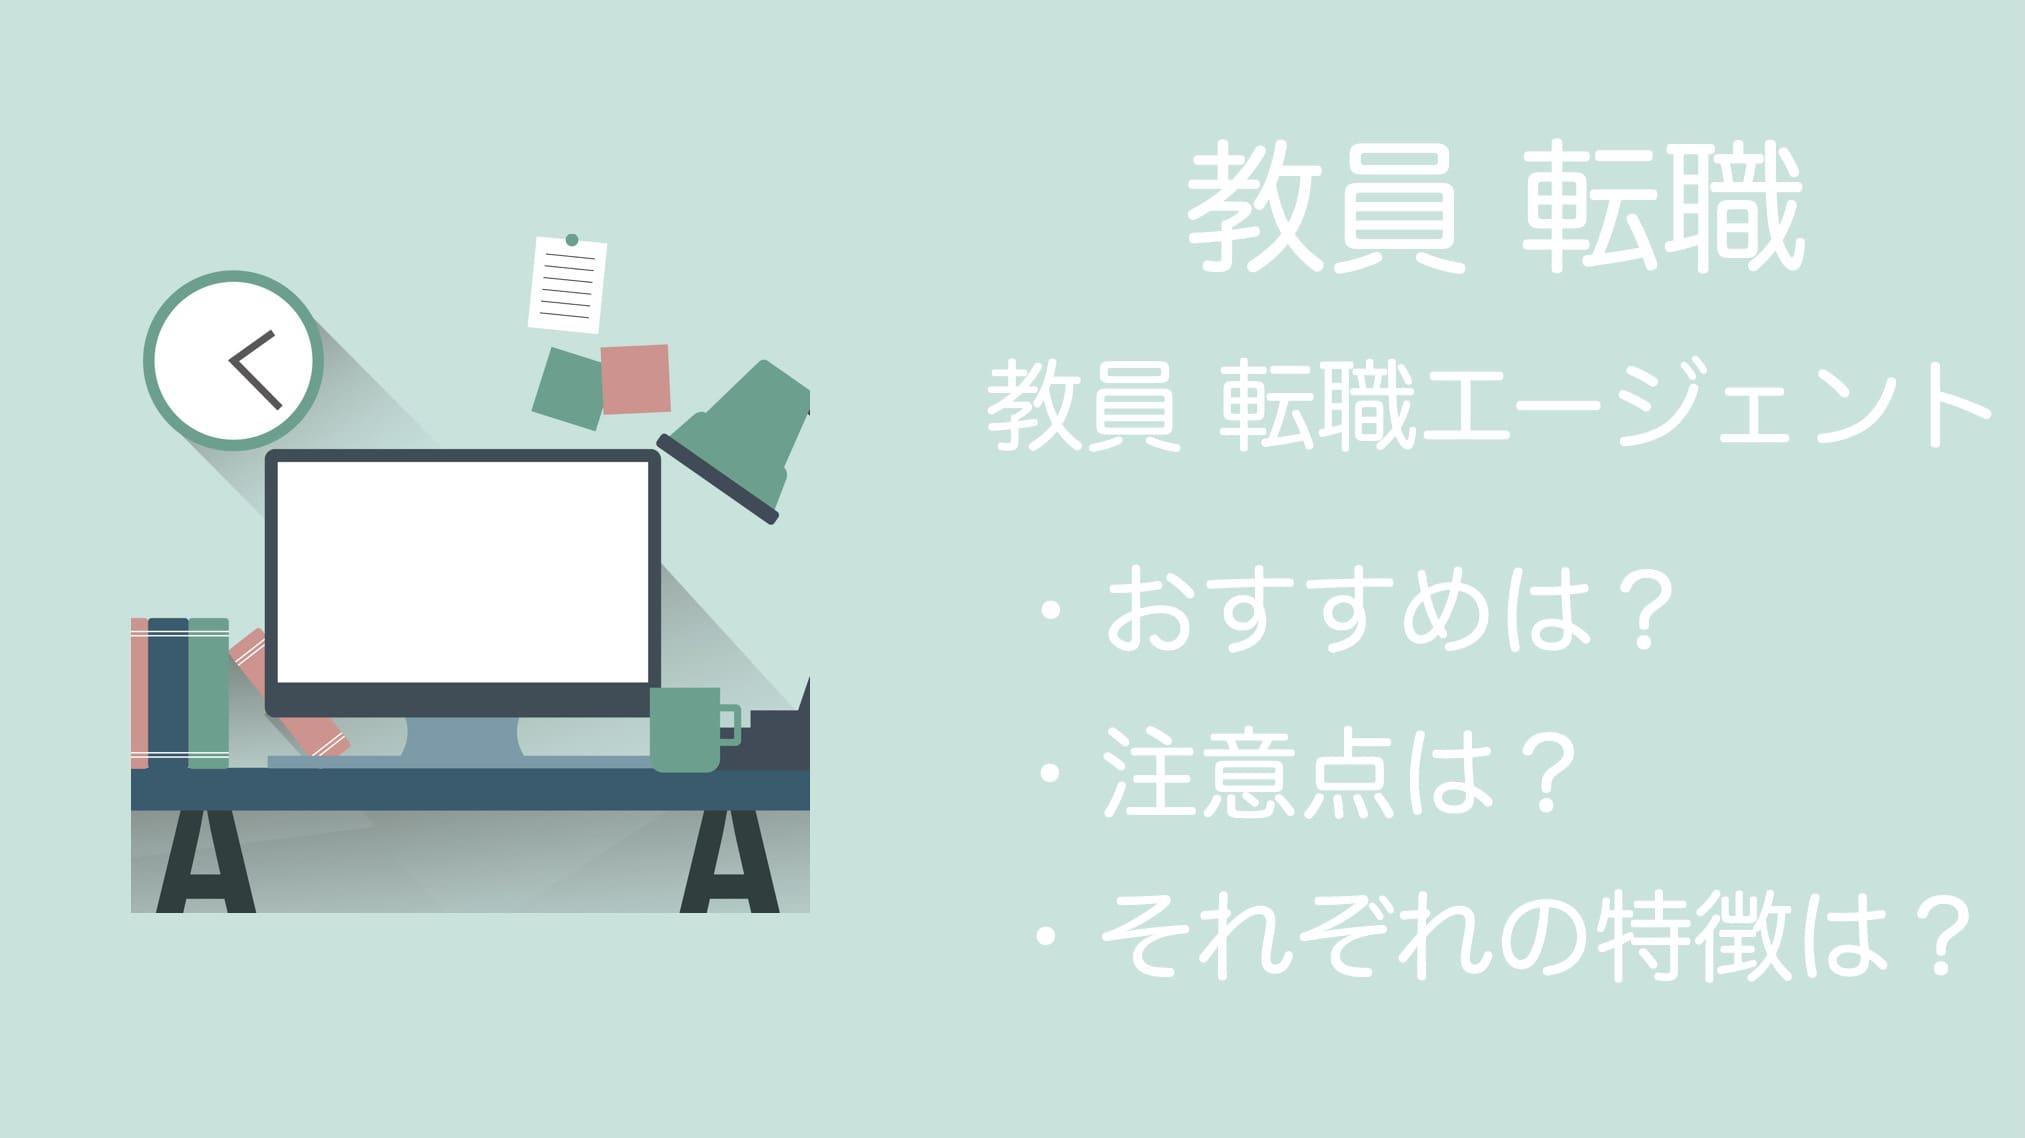 教員が利用すべき転職エージェント4選!その違いを分かりやすく解説!